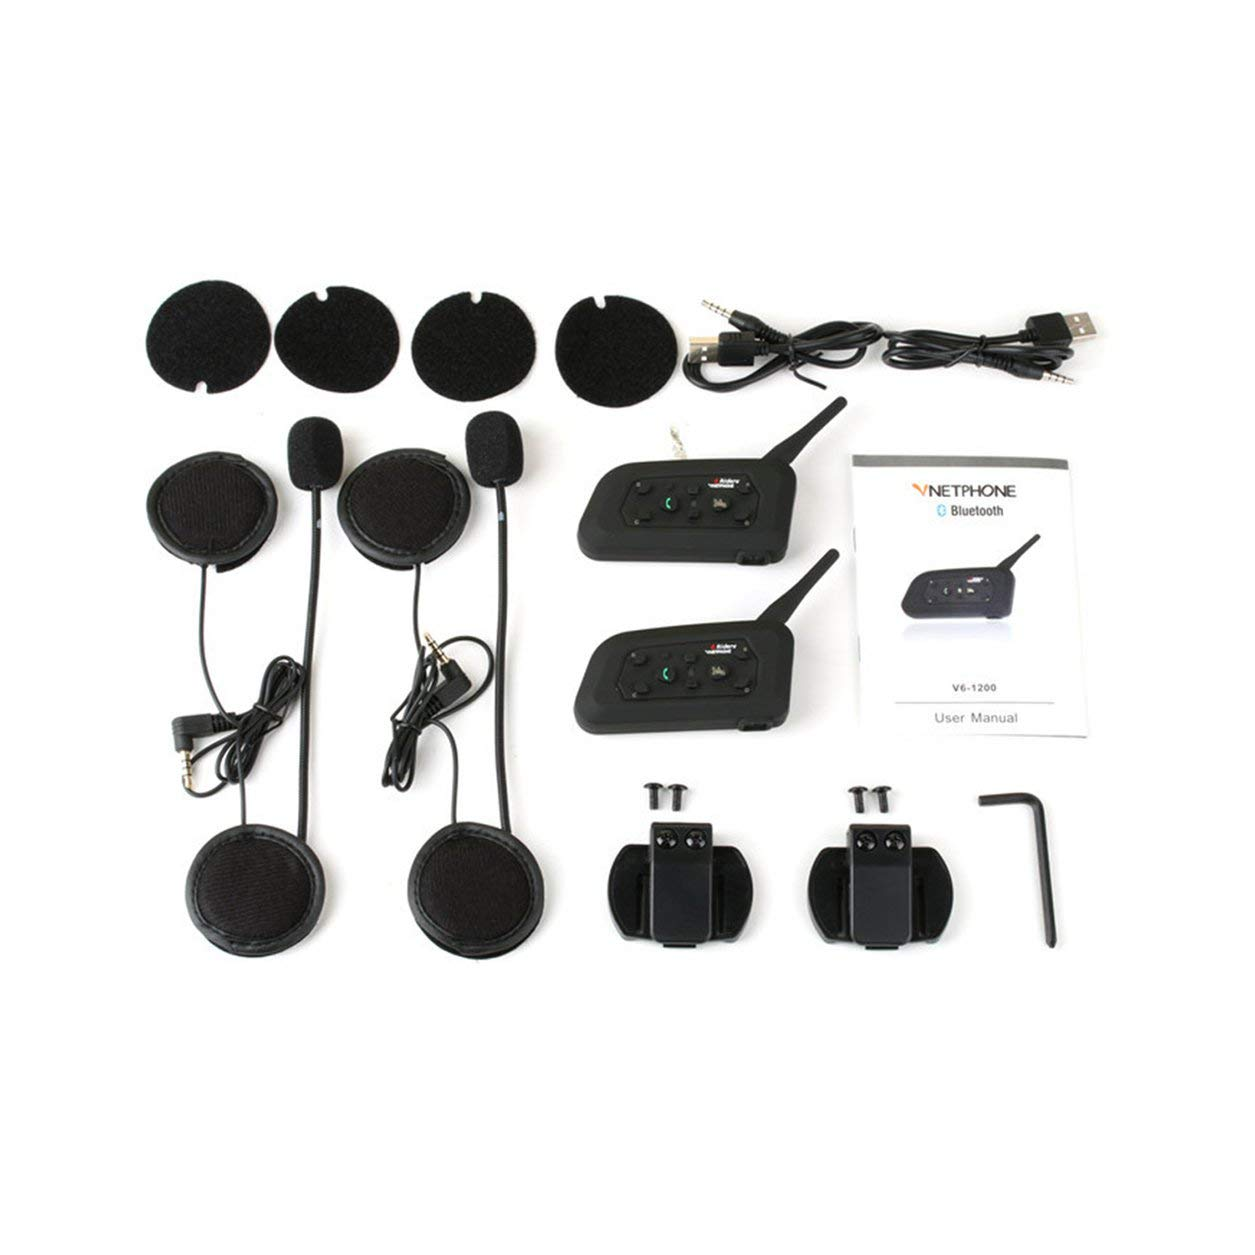 ステレオBluetoothヘッドセットヘルメットカーハンズフリートランシーバーアウトドアスポーツ、黒 B07MZQT67J